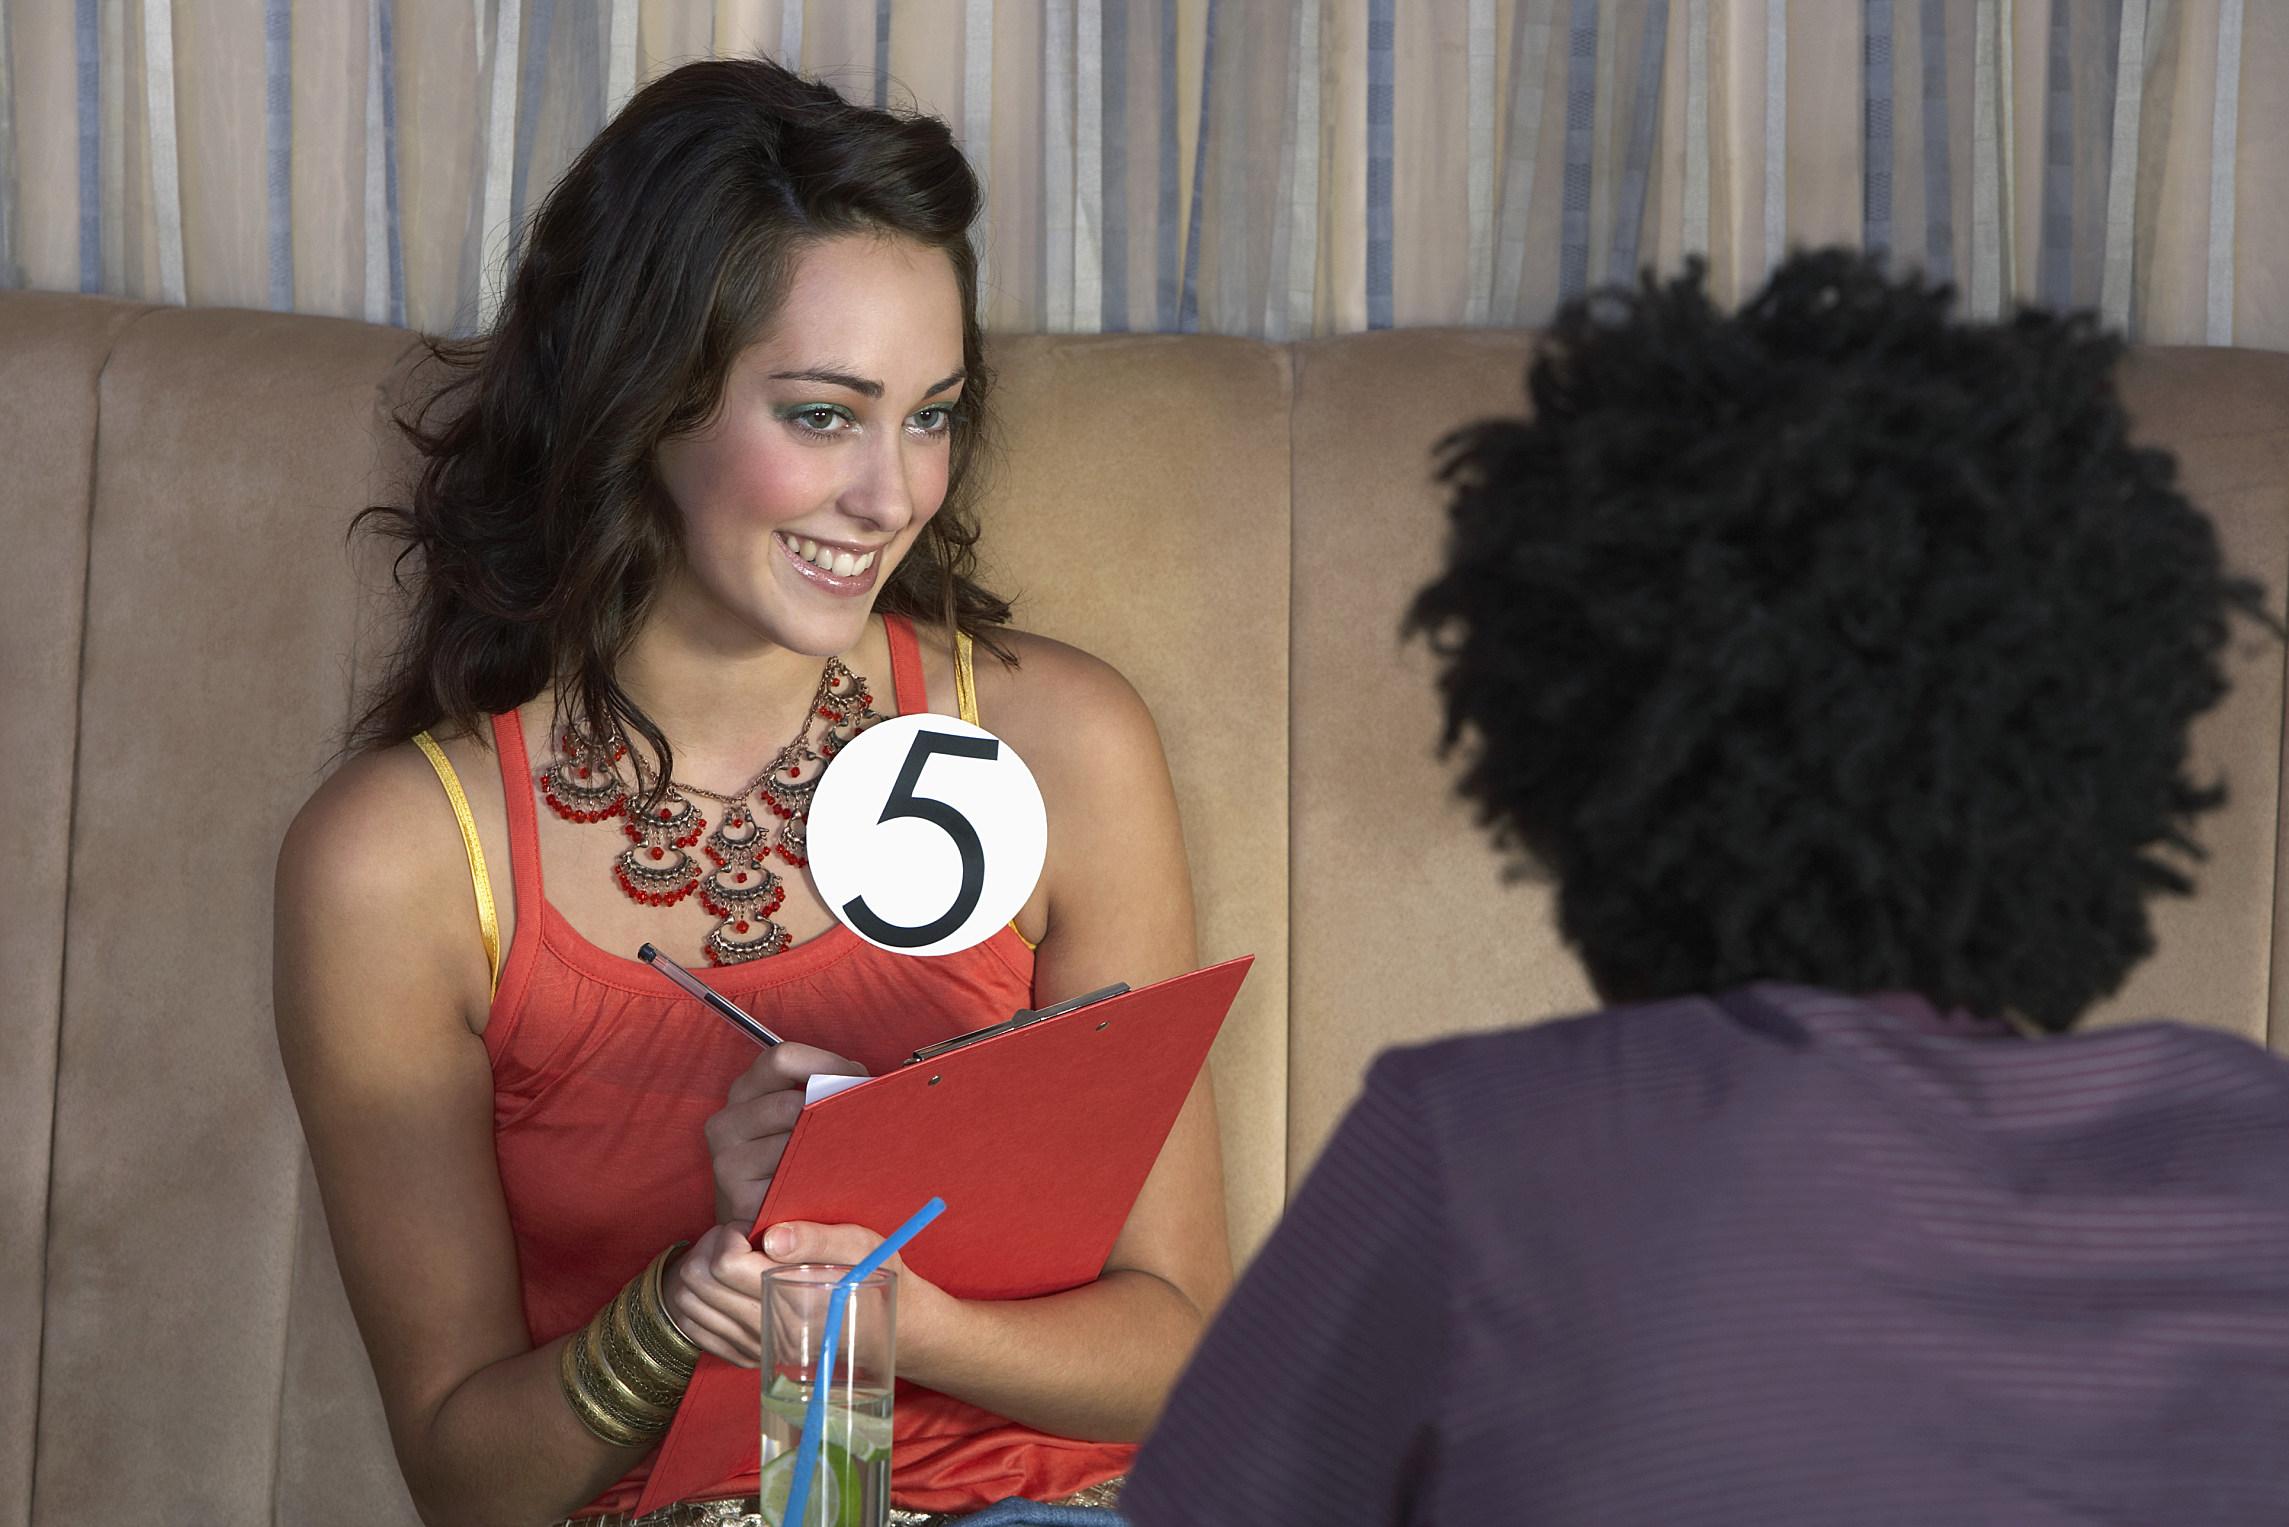 Philly Speed Dating Wydarzenia darmowy serwis randkowy bez adresu e-mail